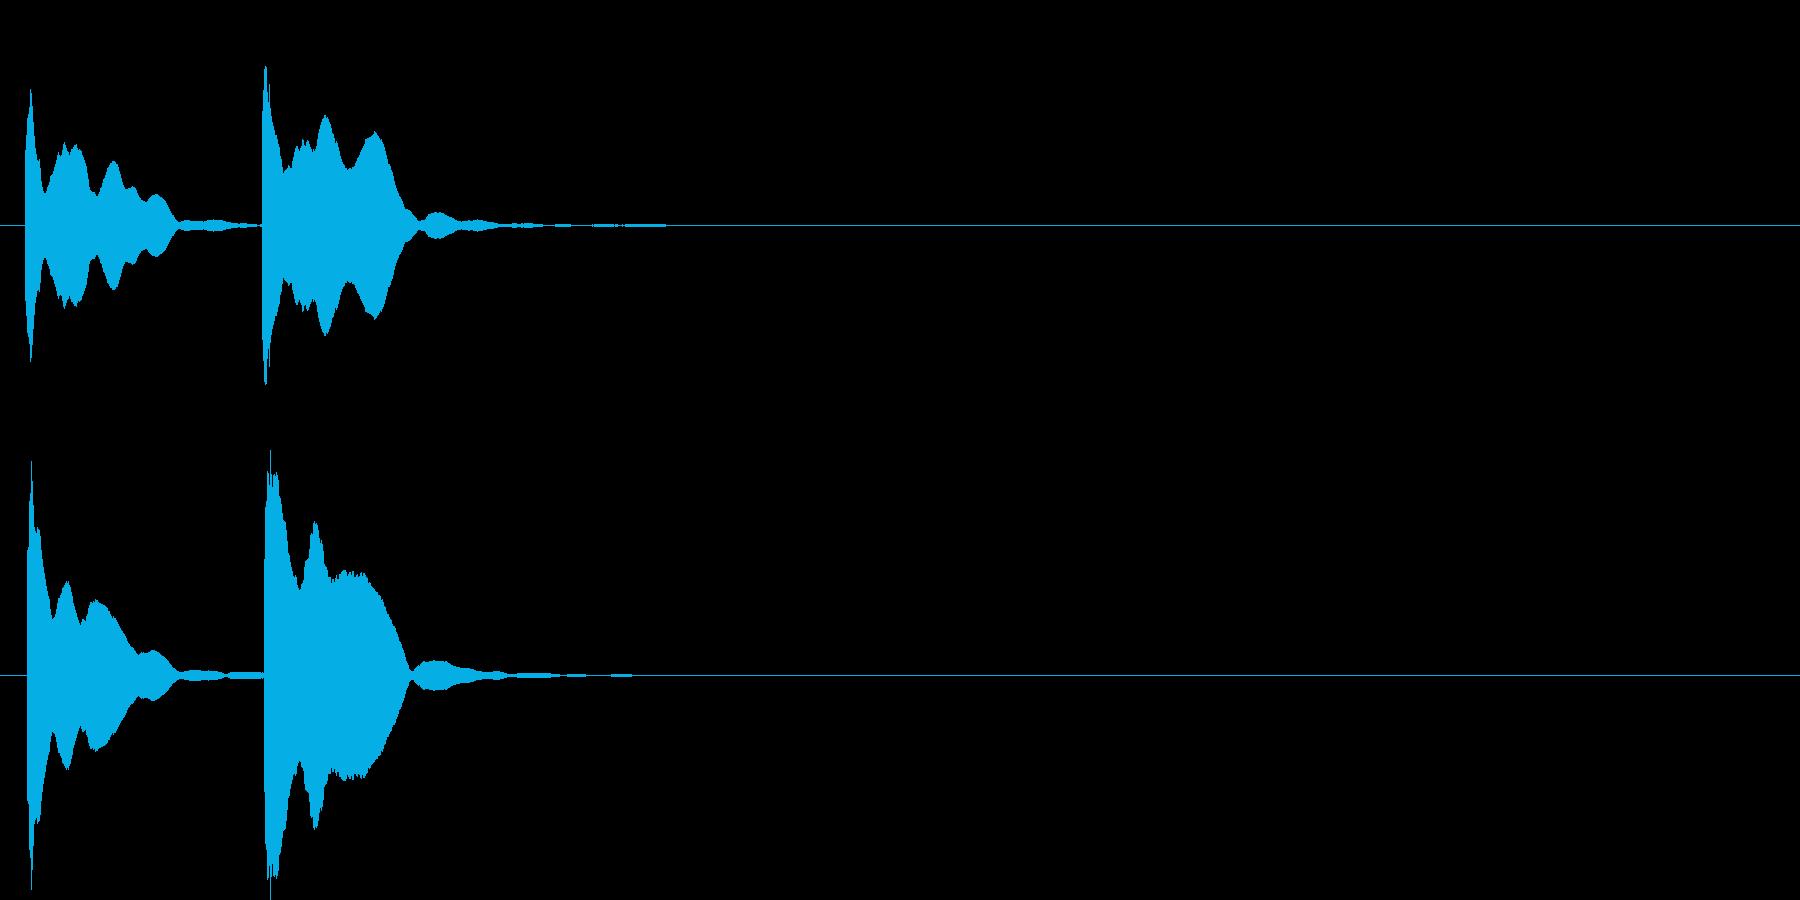 ピンポン系2 高い音の再生済みの波形